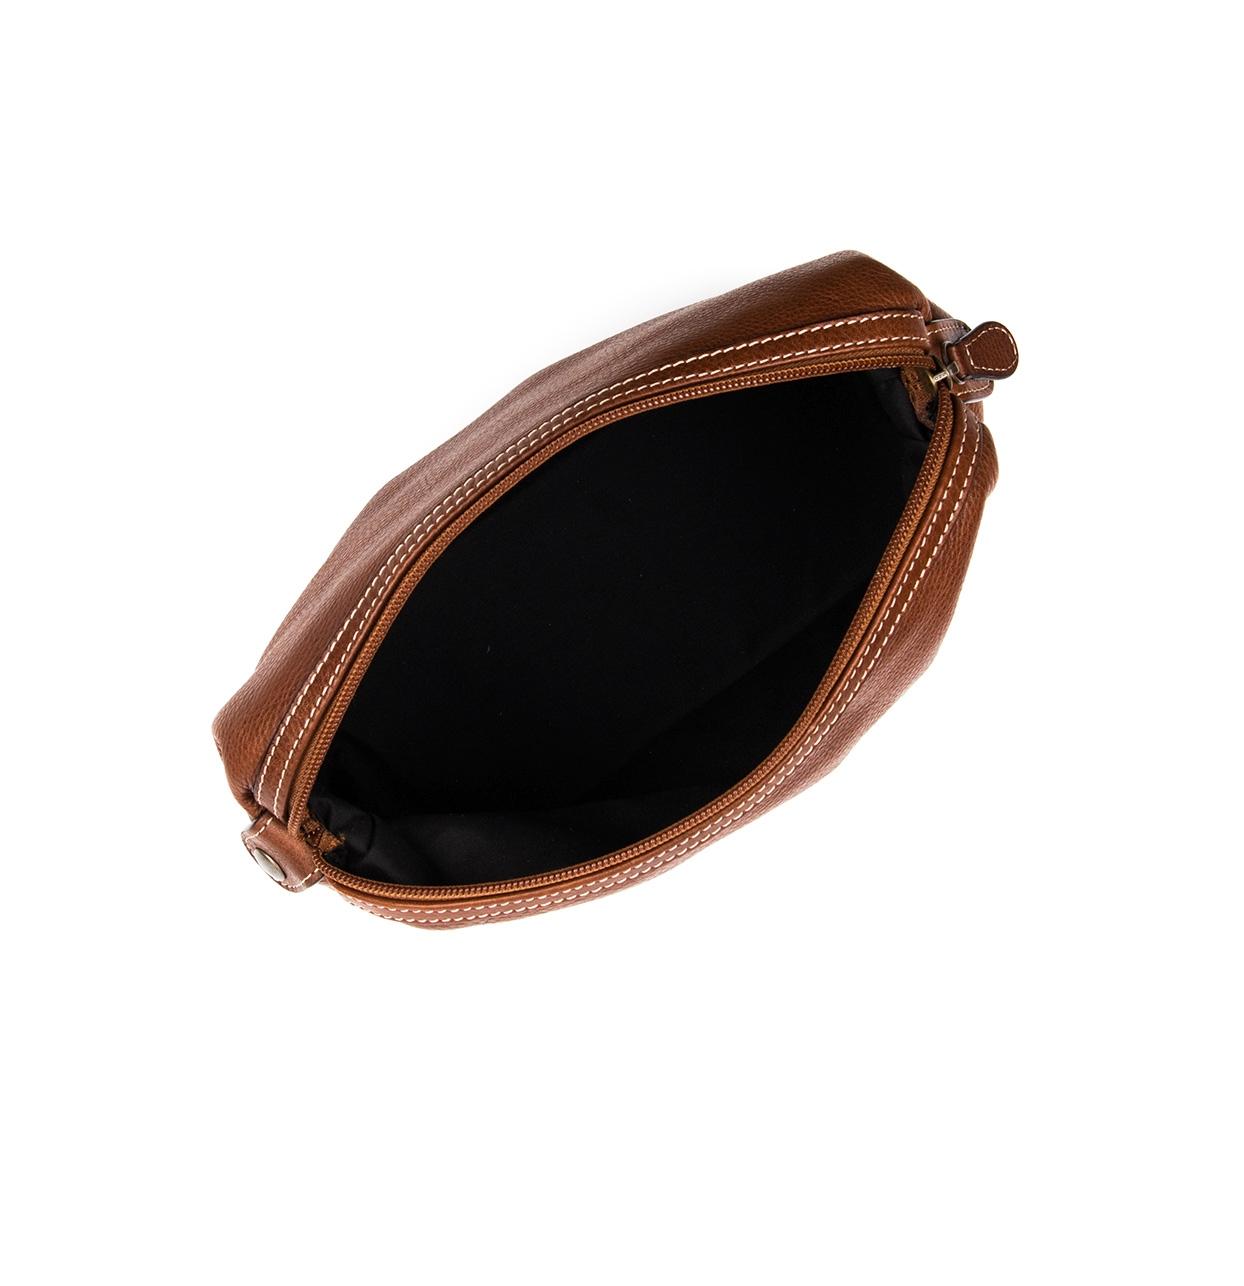 Neceser de piel color marrón, modelo TRAVIATA - Ítem1